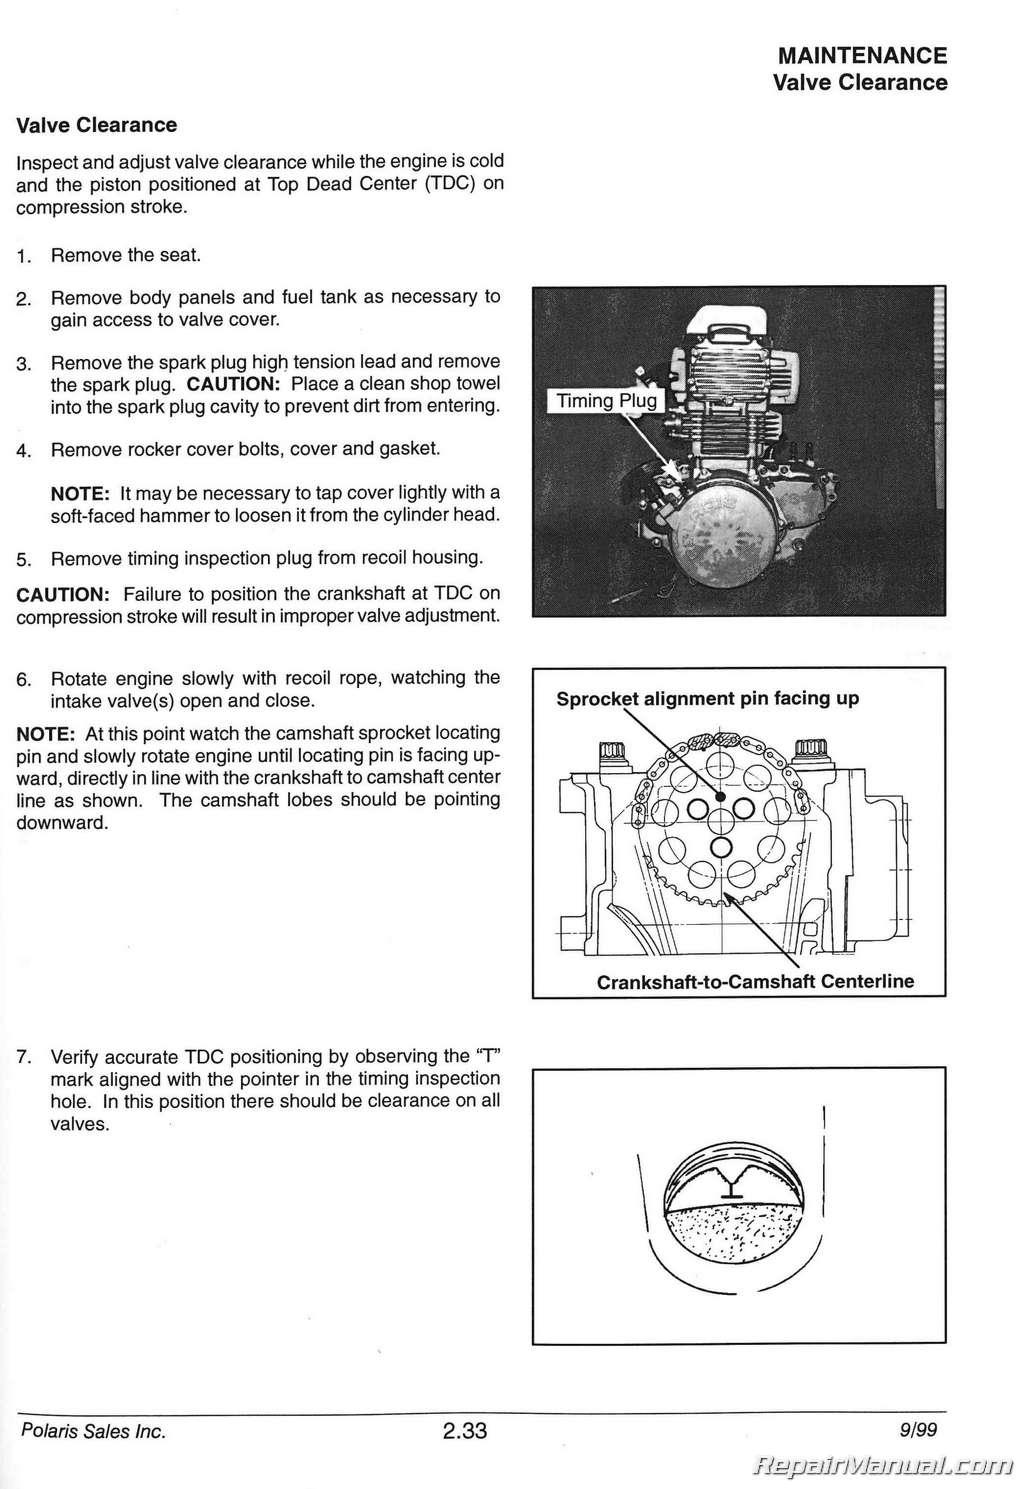 2005 330 polaris wiring diagram polaris carb diagram elsavadorla